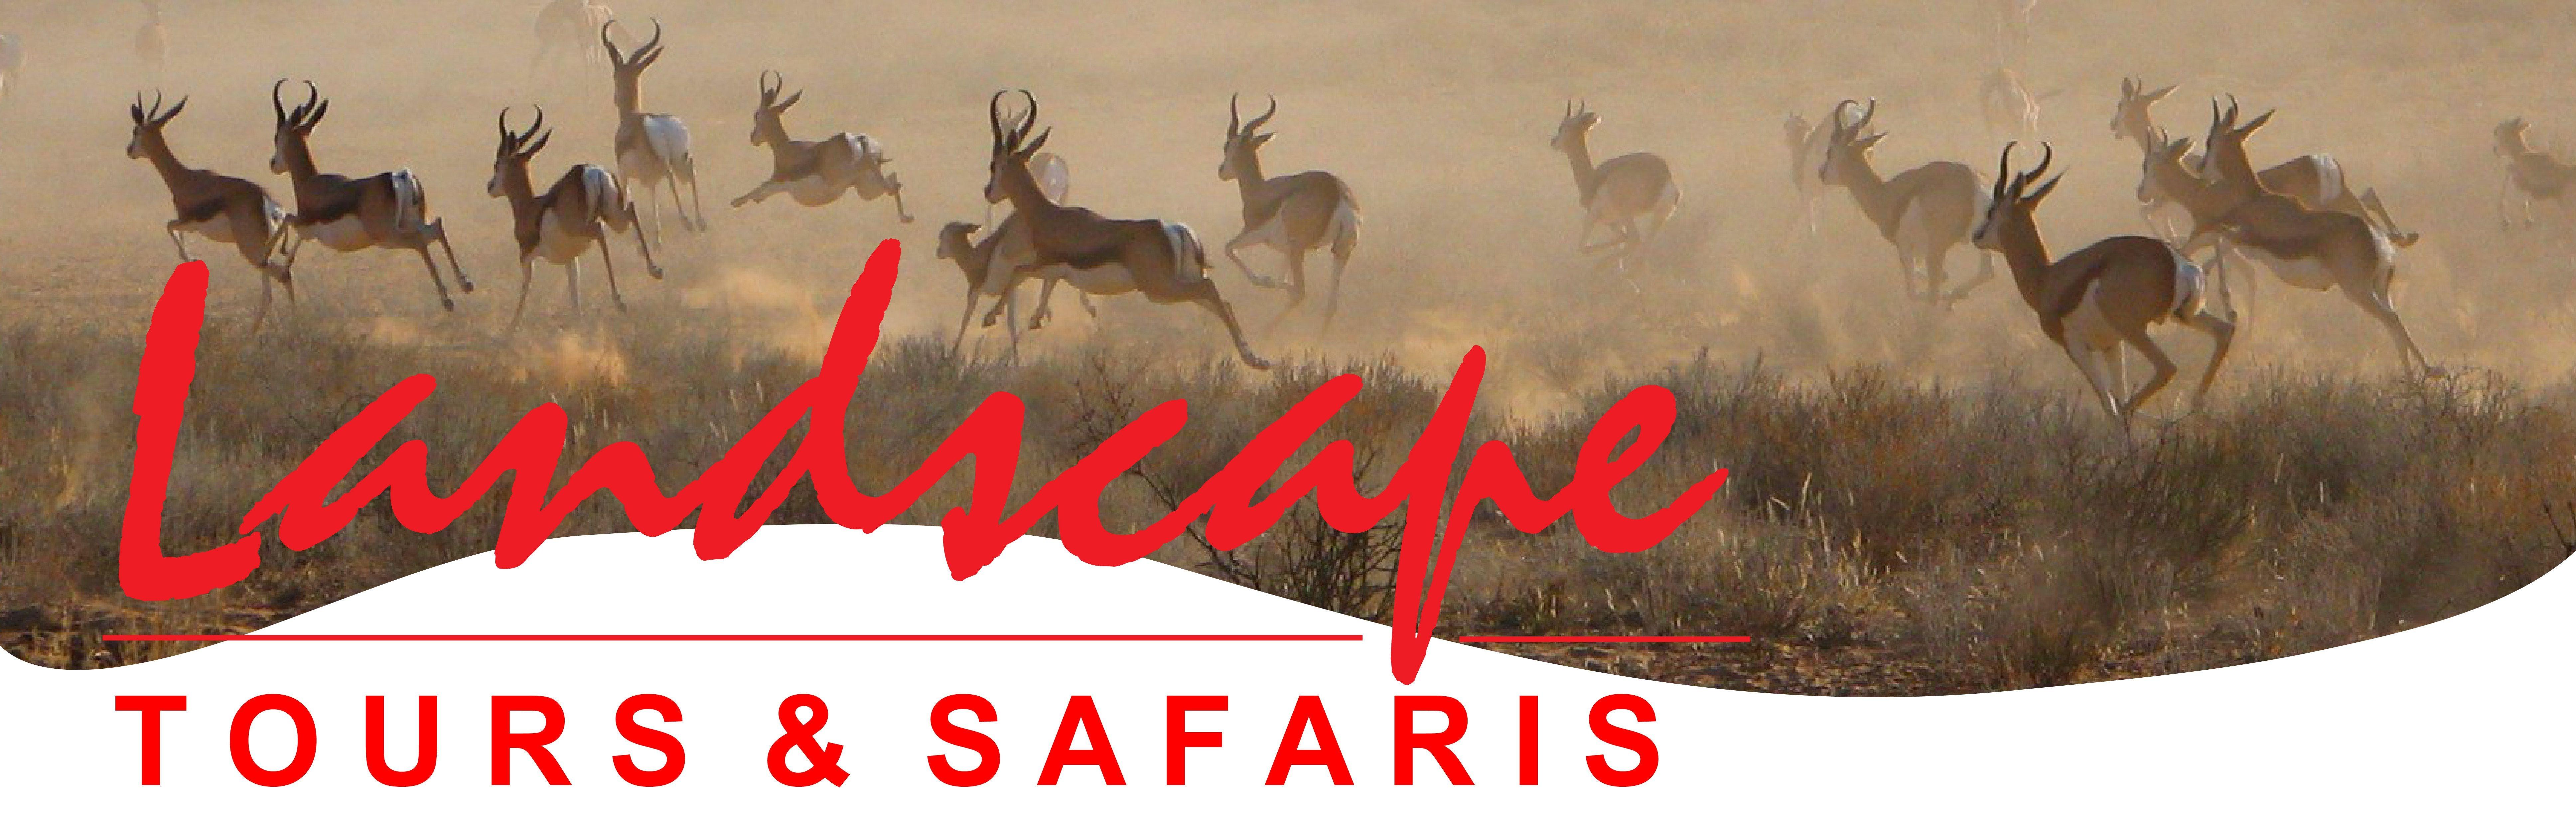 Landscape Tours banner